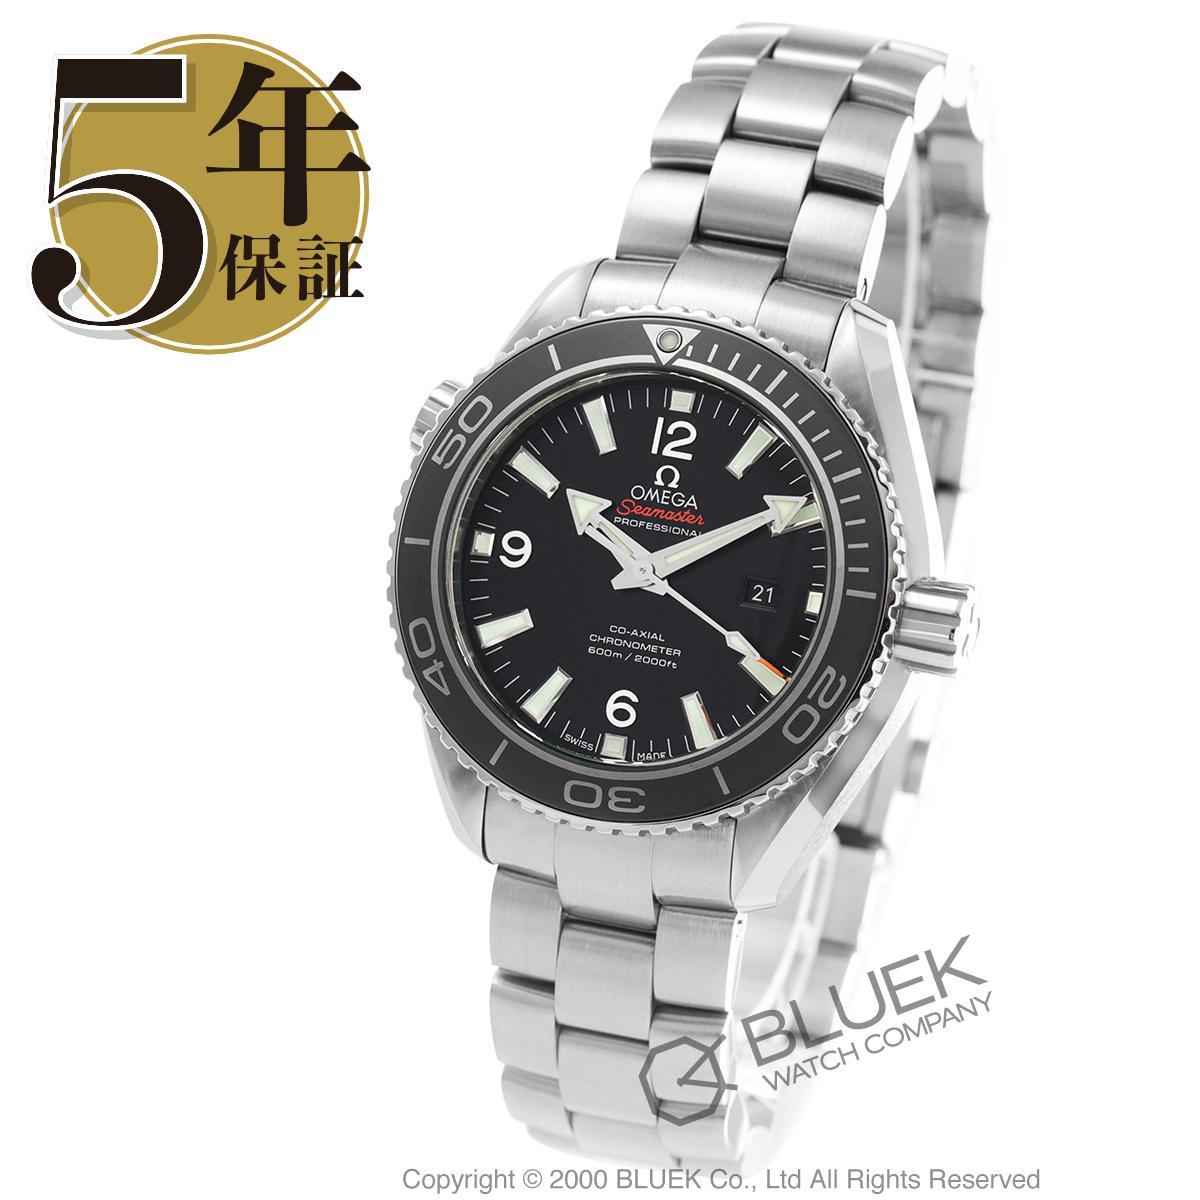 オメガ シーマスター プラネットオーシャン 600m防水 腕時計 ユニセックス OMEGA 232.30.38.20.01.001_8